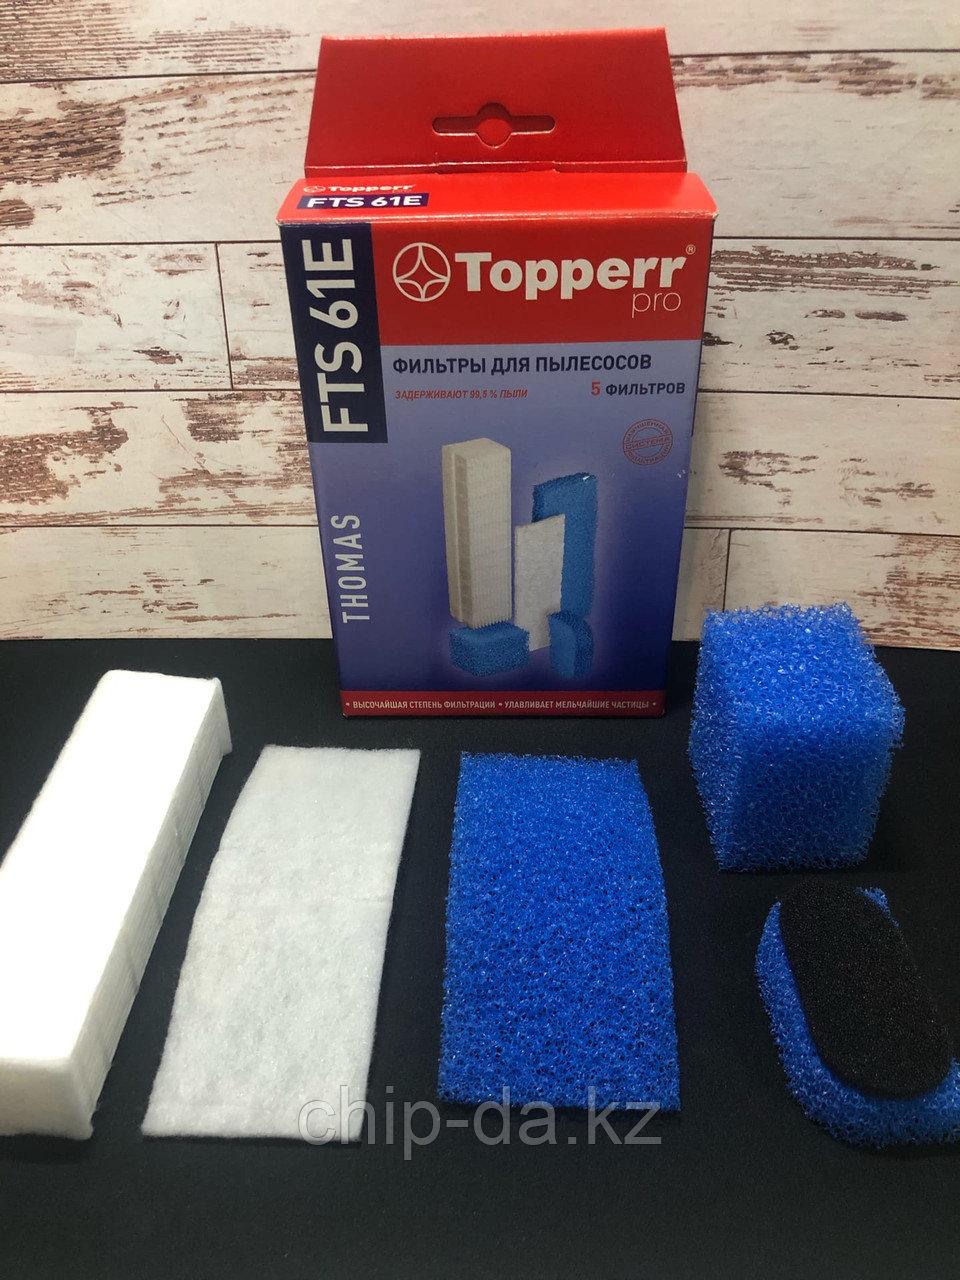 Фильтры для пылесоса Thomas Hygiene T2